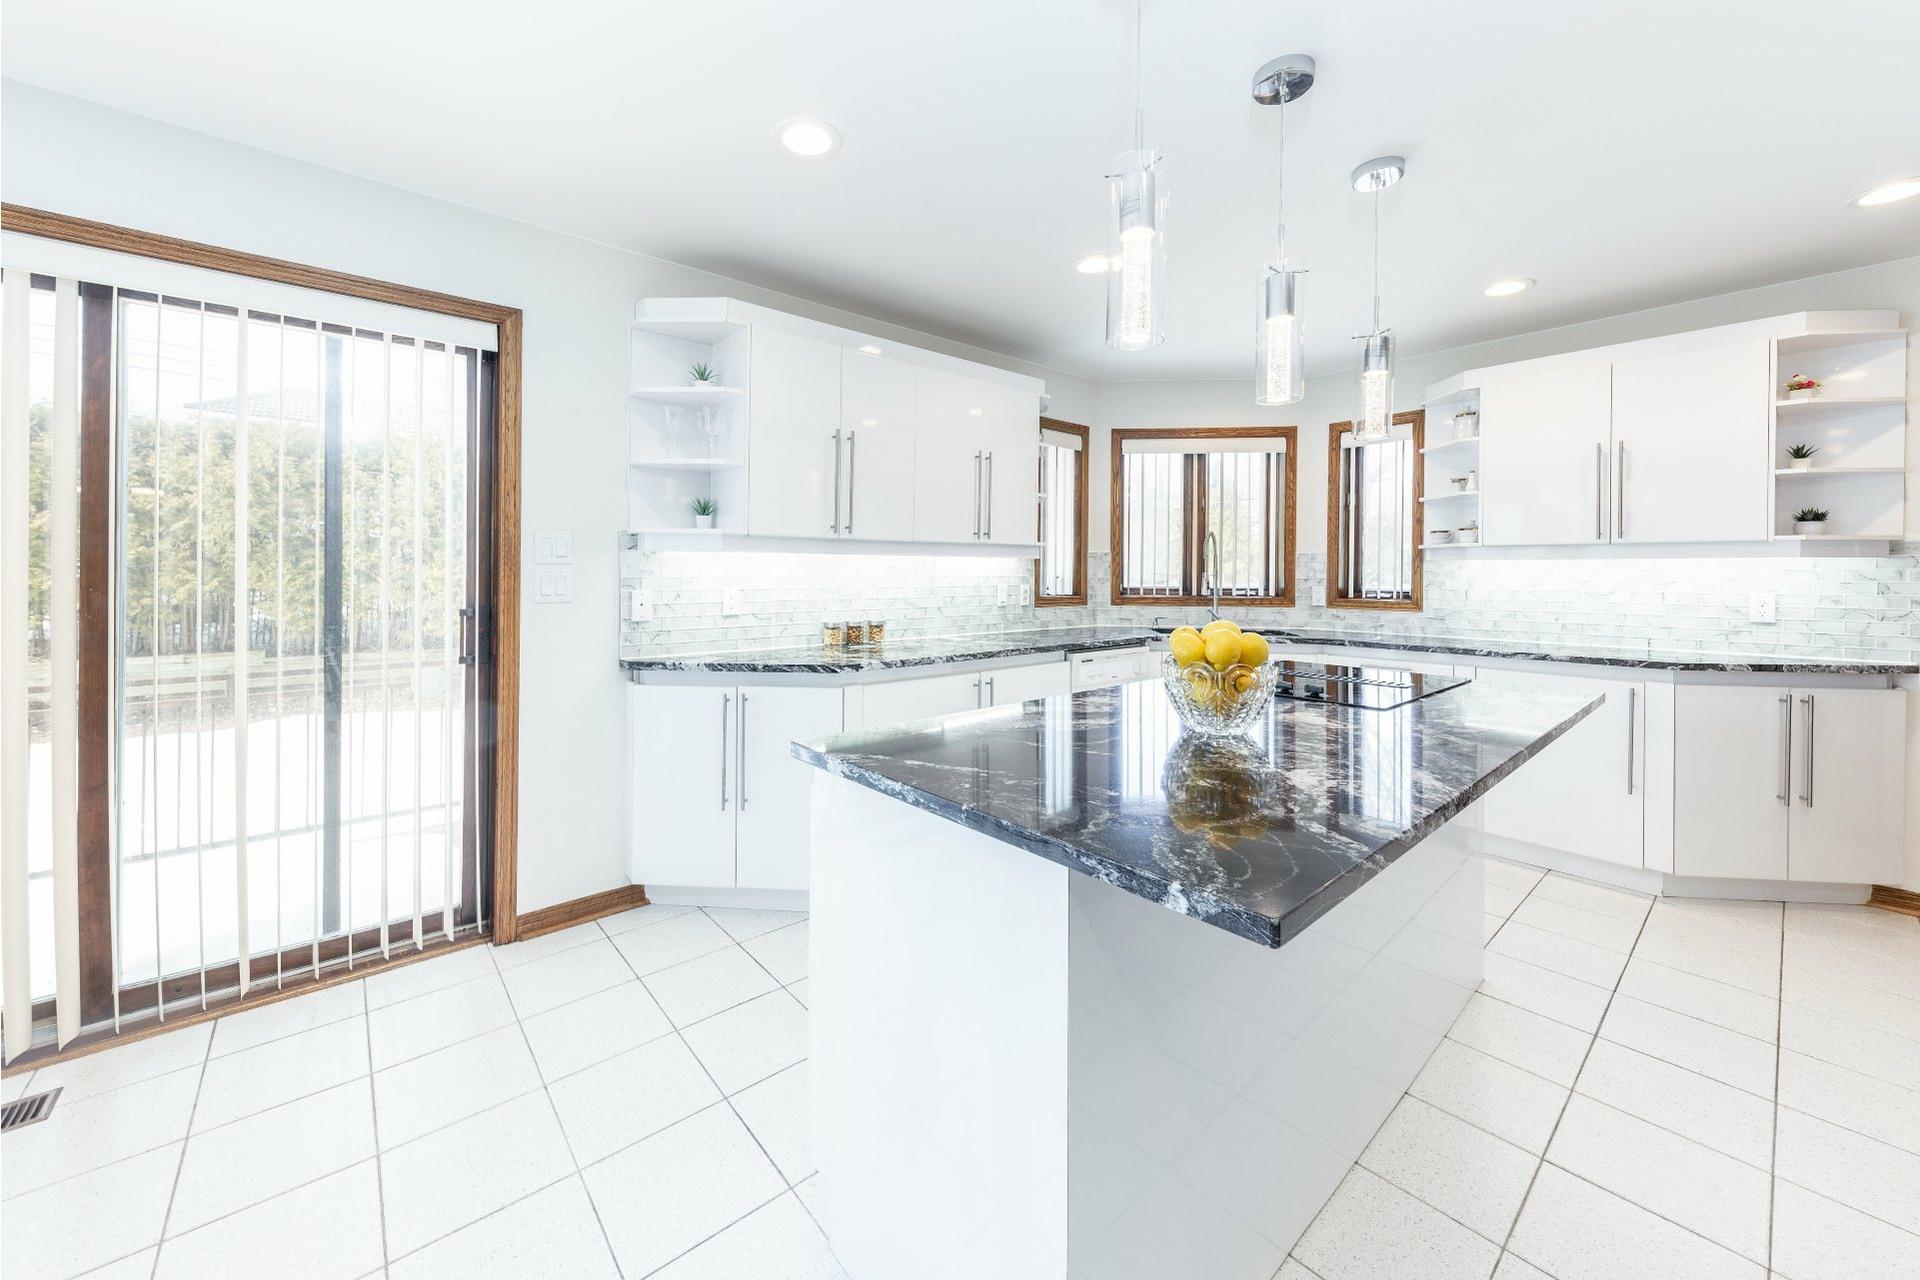 image 7 - Maison À vendre Beaconsfield - 15 pièces